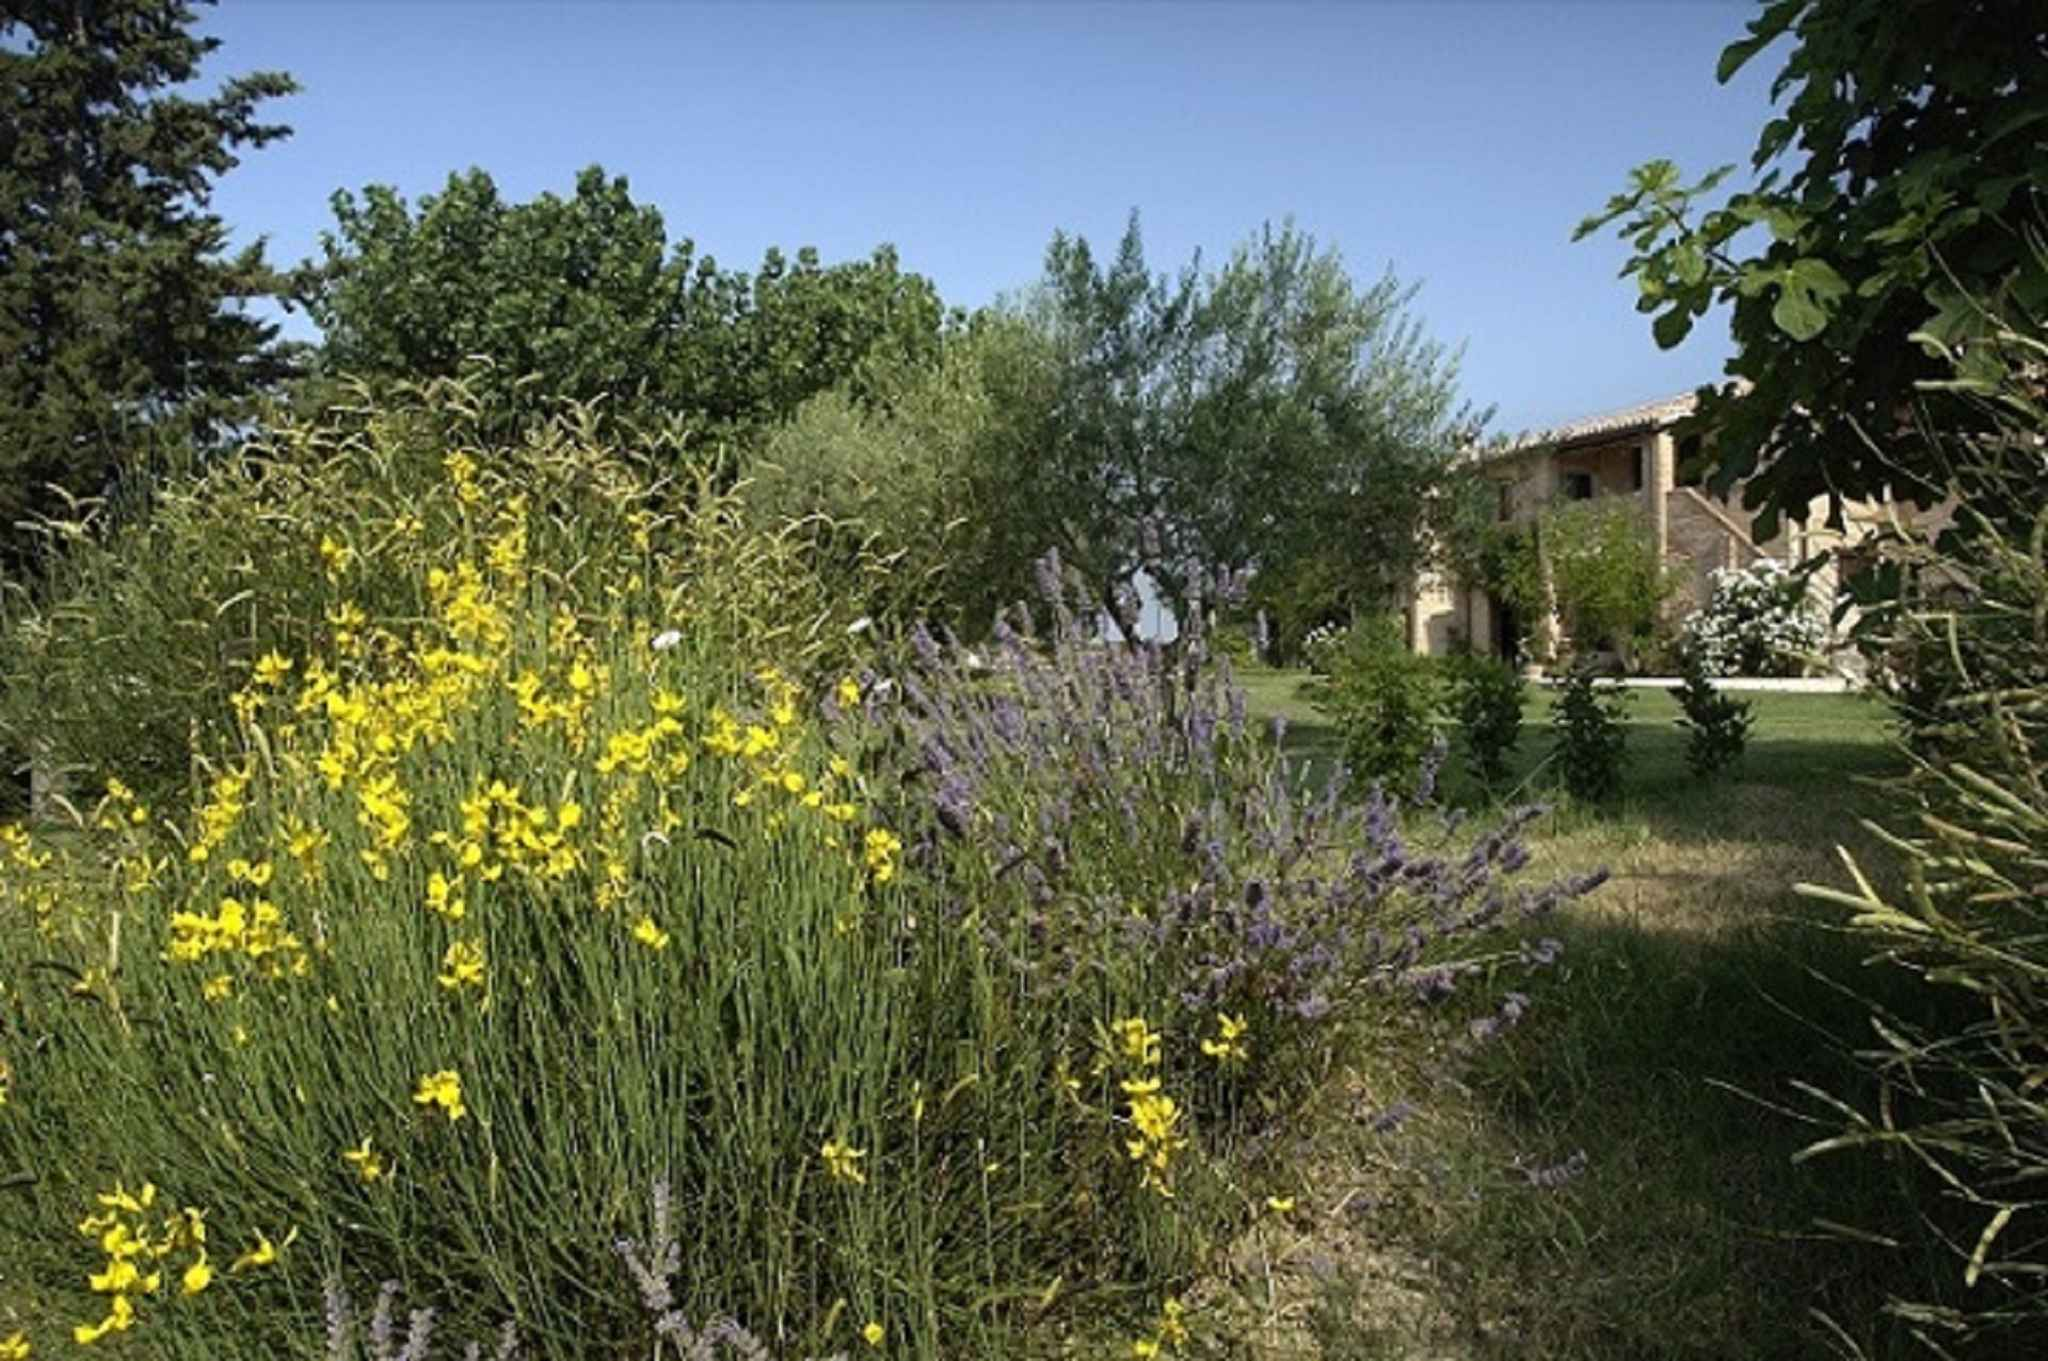 Ferienhaus per 15 persone con piscina (602147), Jesi, Ancona, Marken, Italien, Bild 9